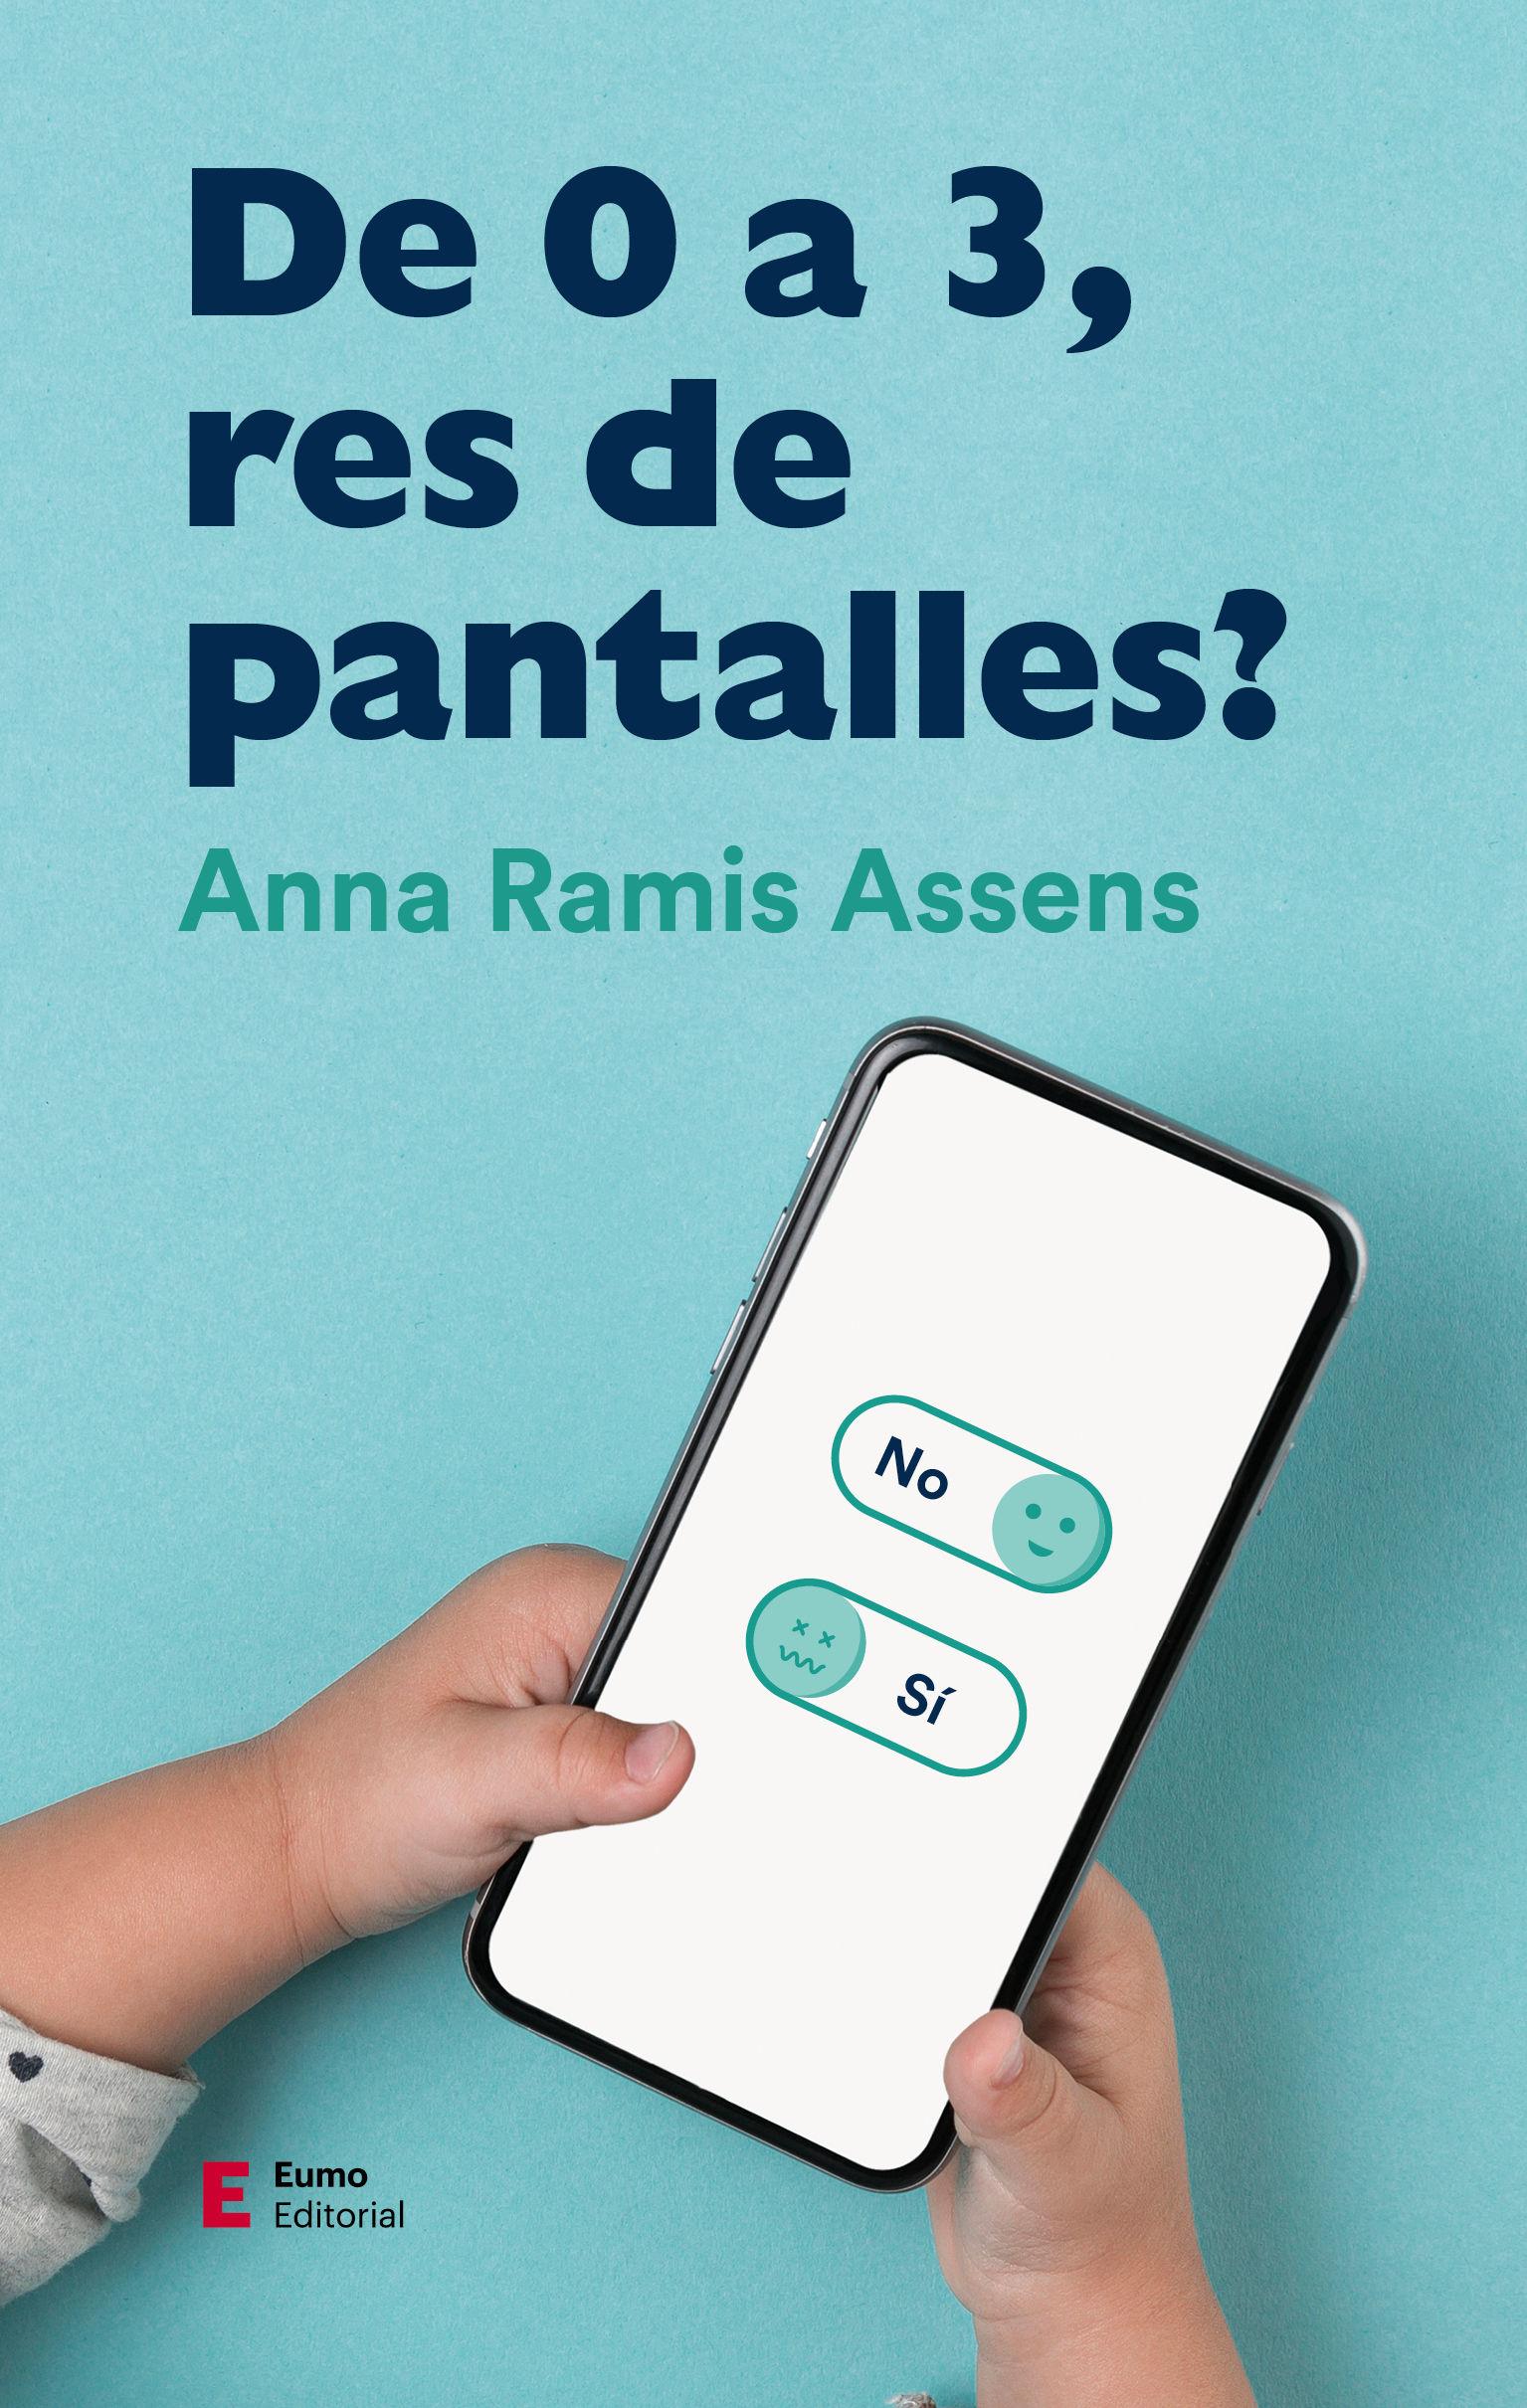 DE 0 A 3, RES DE PANTALLES?